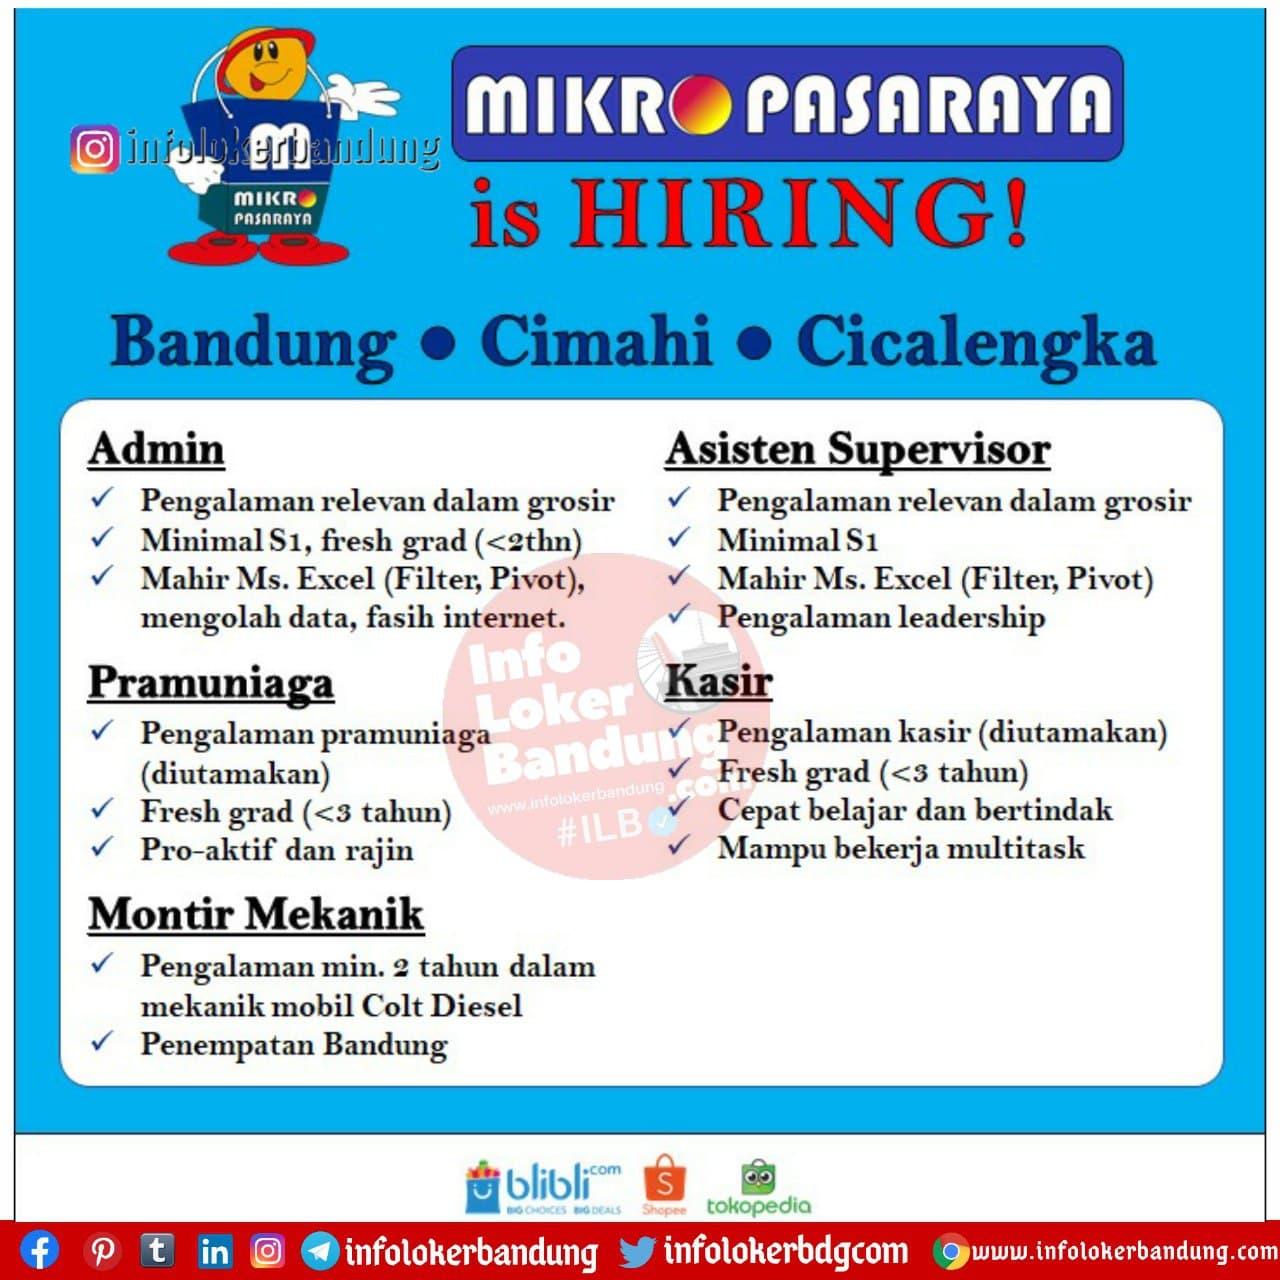 Lowongan Kerja Mikro Pasaraya Bandung November 2020